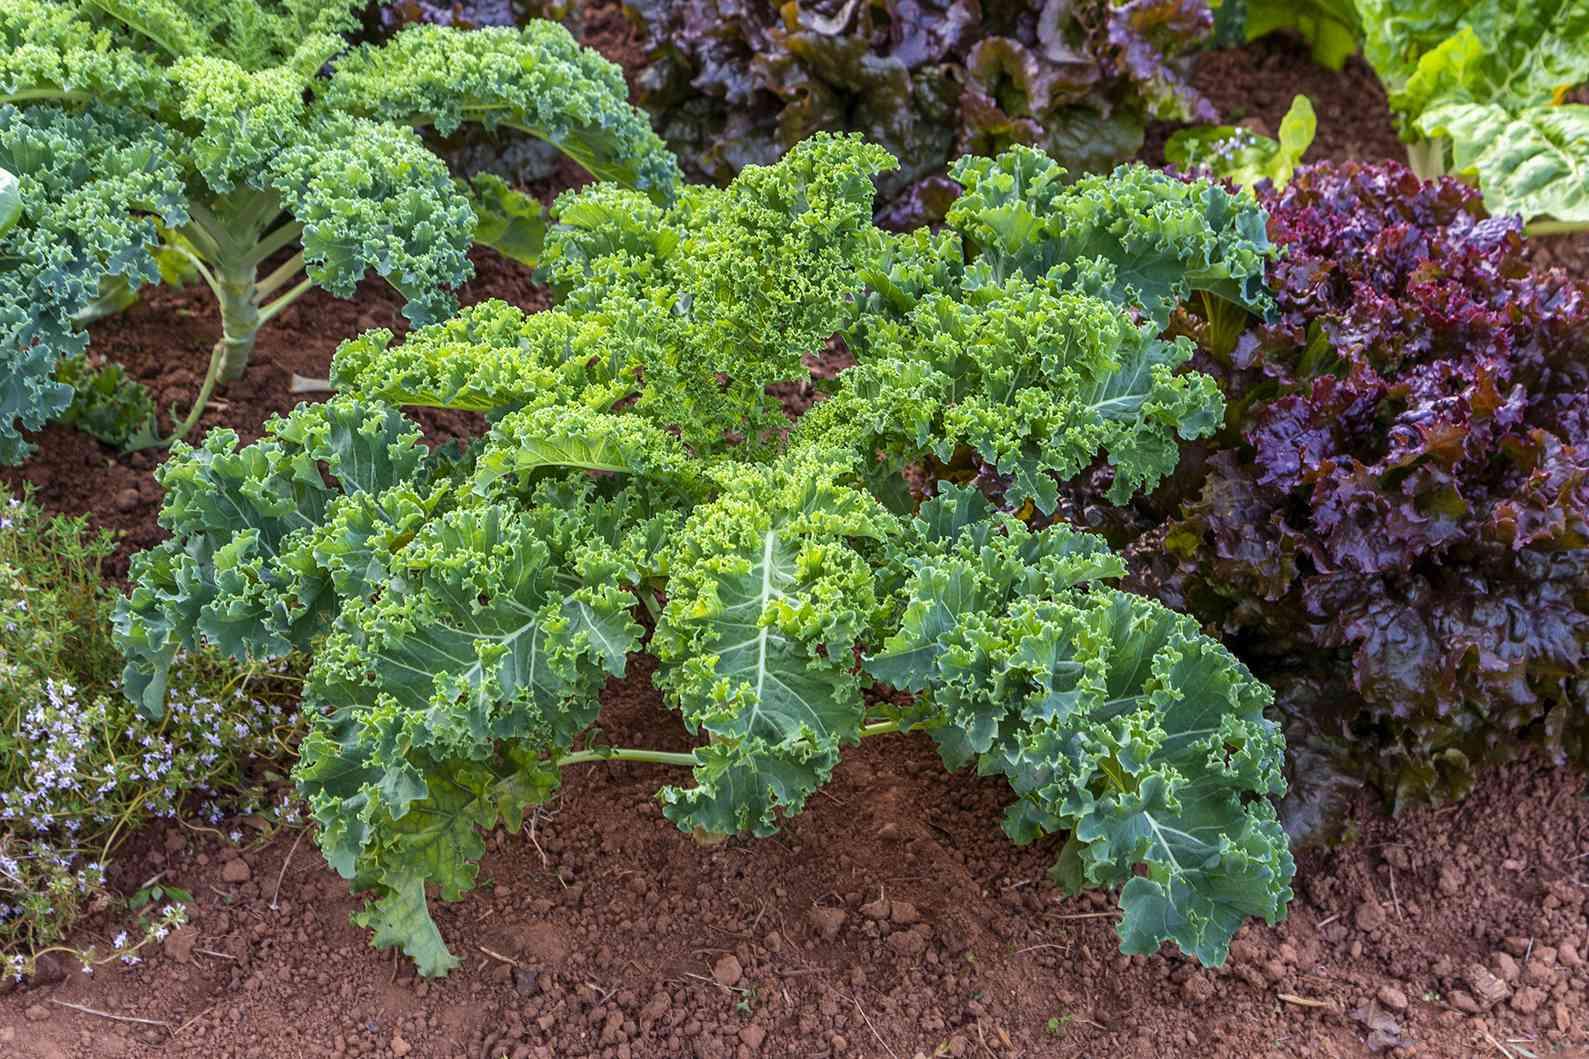 kale growing in the garden